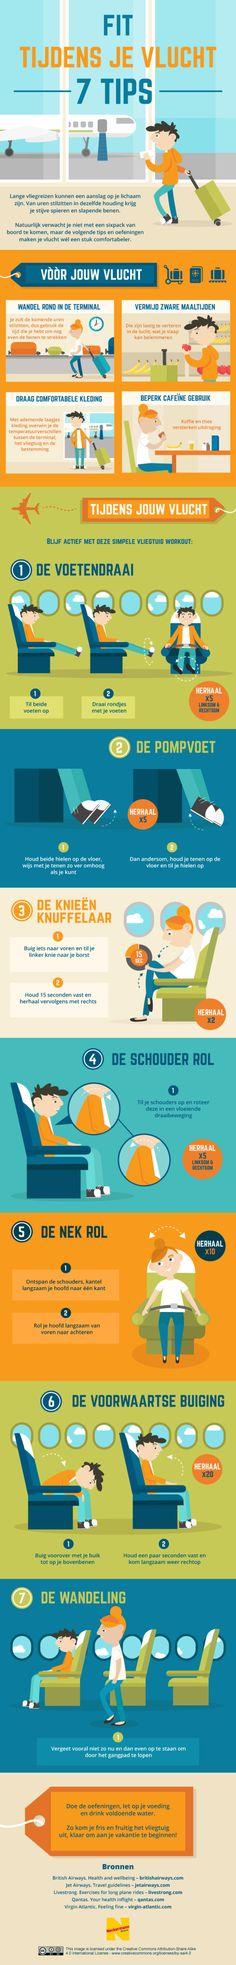 I Love Health | 7 tips om fit te blijven tijdens het vliegen | http://www.ilovehealth.nl